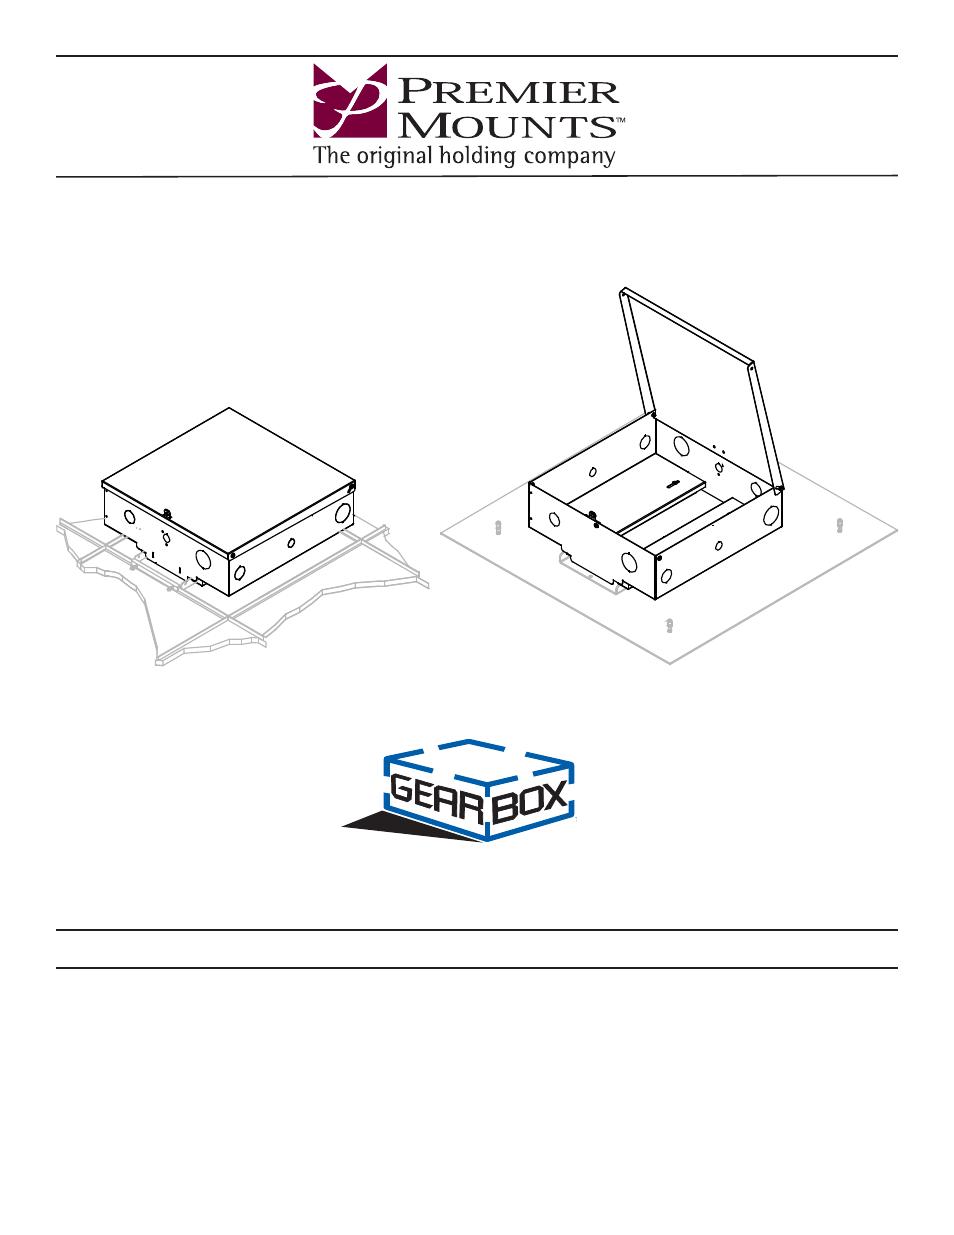 Premier Mounts GearBox Equipment Enclosure GB-PLEN1 User